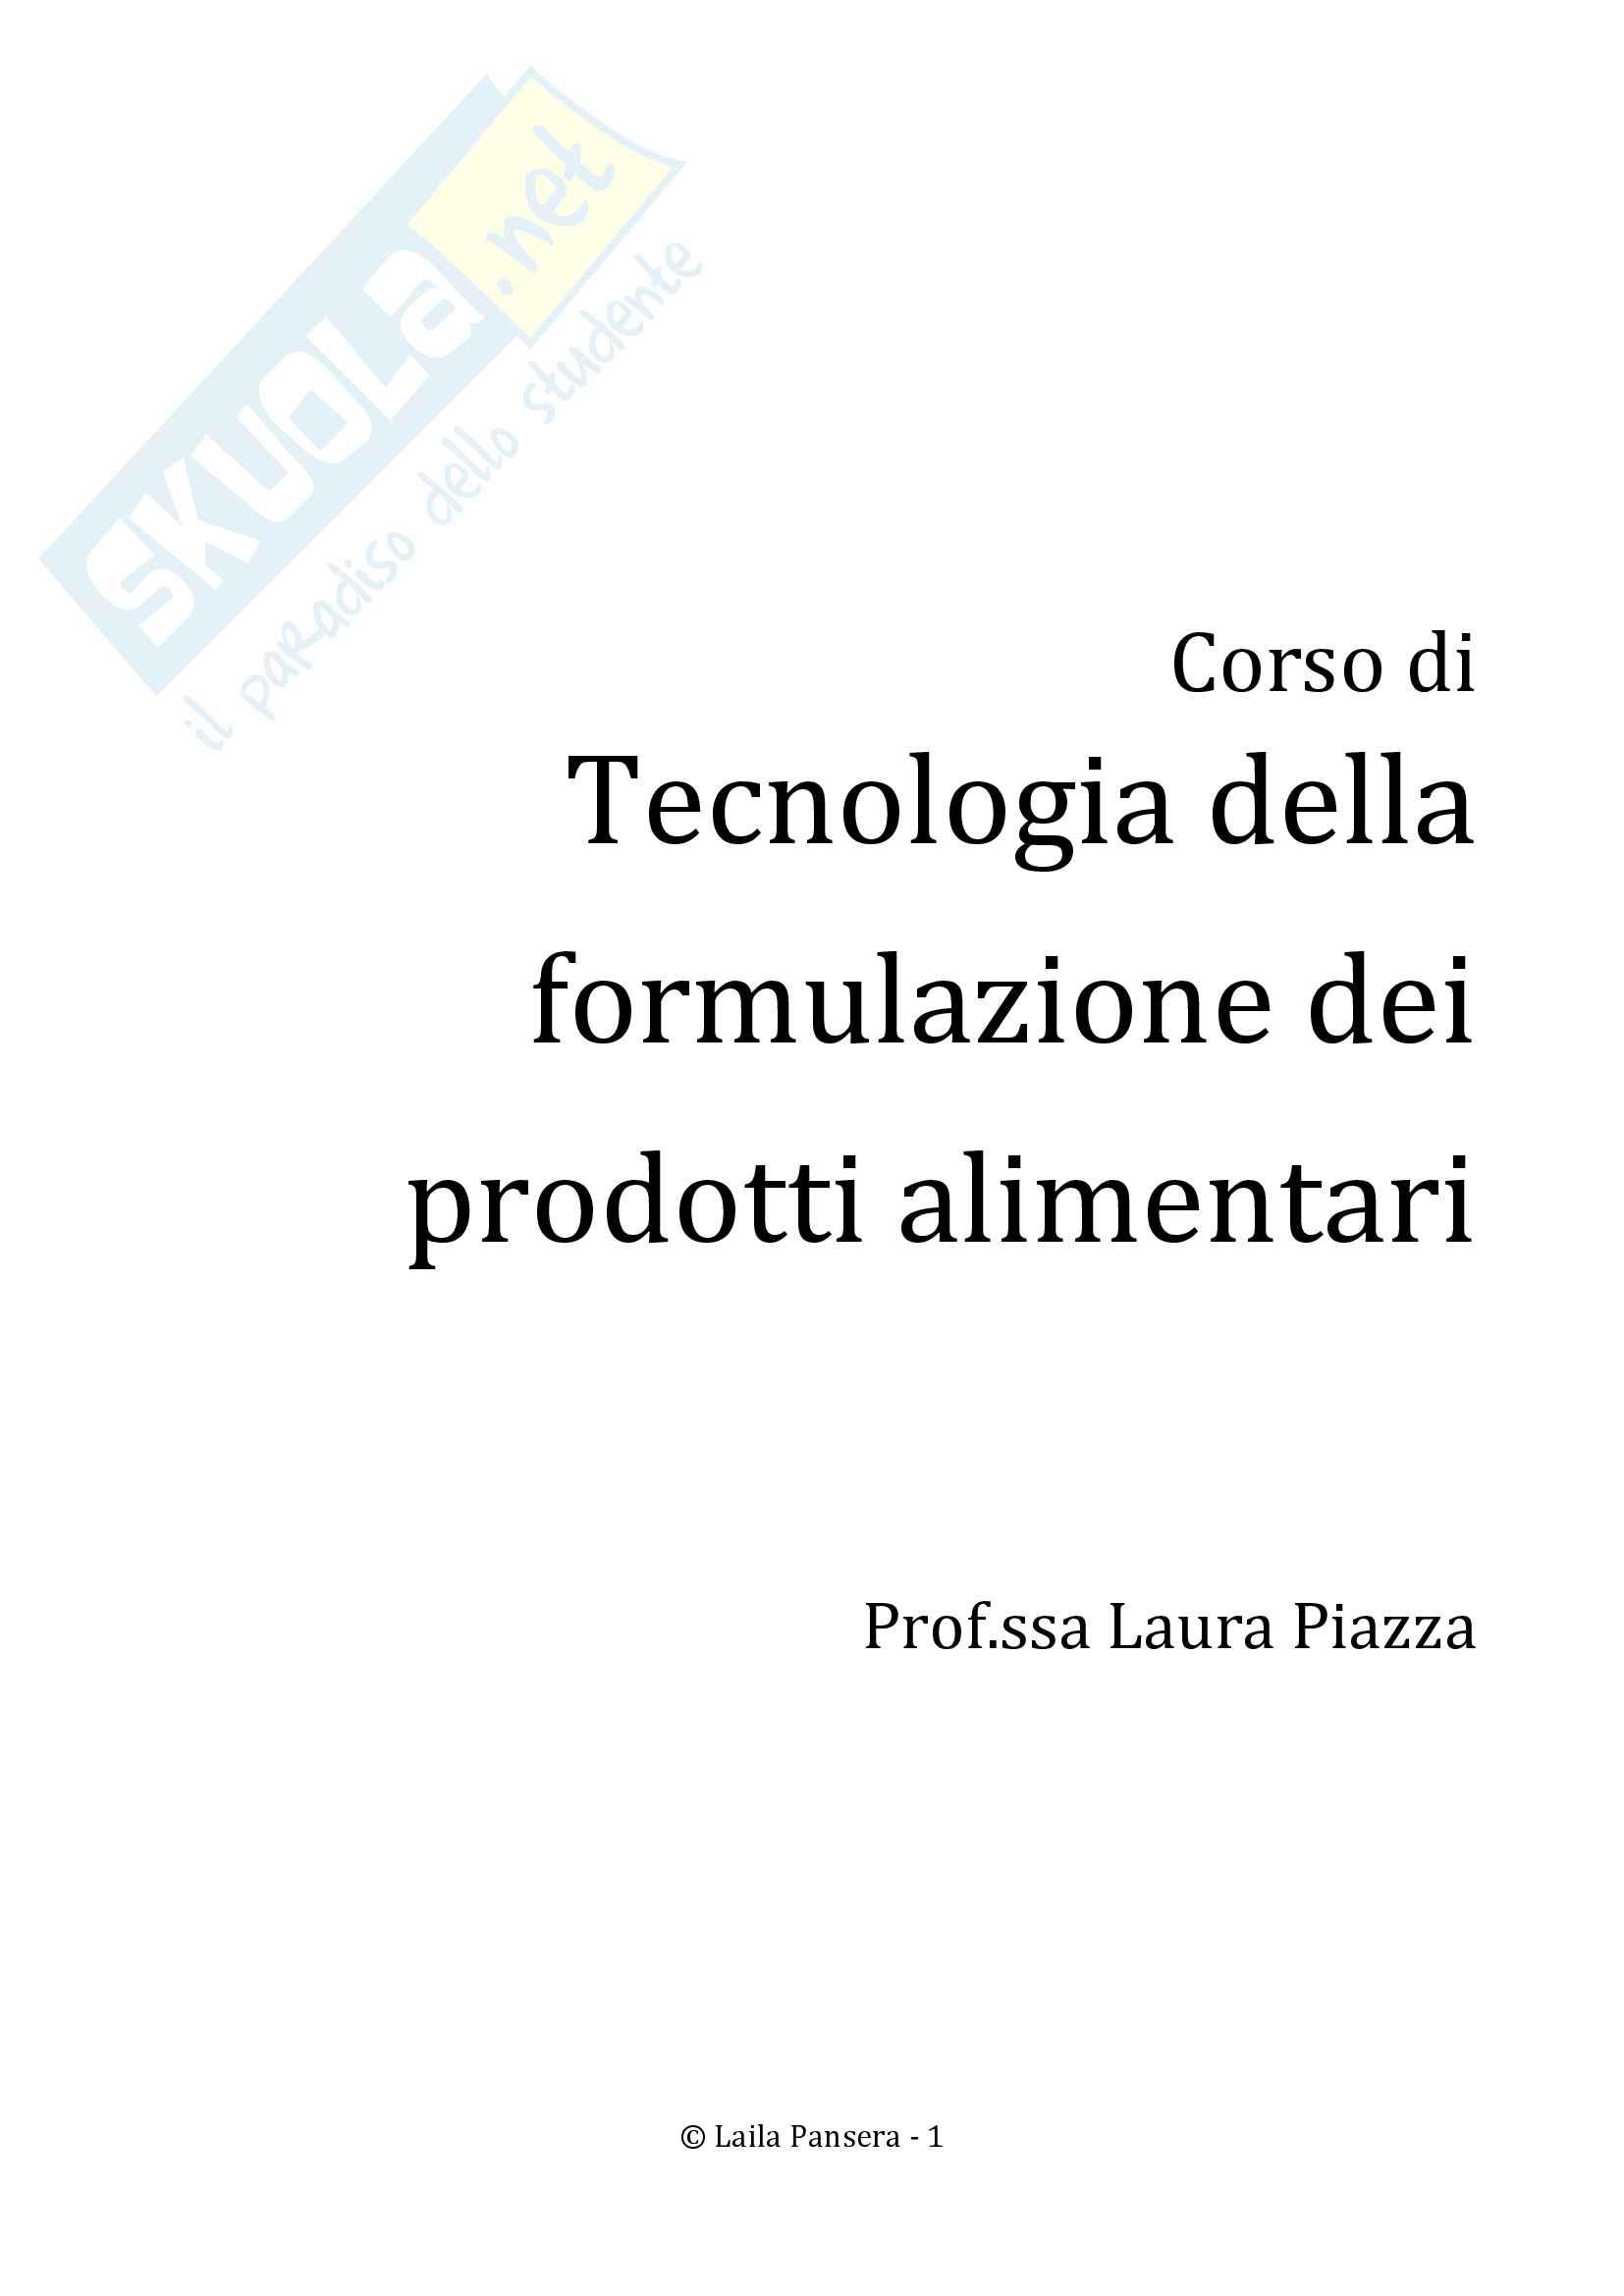 Tecnologia della formulazione dei prodotti alimentari